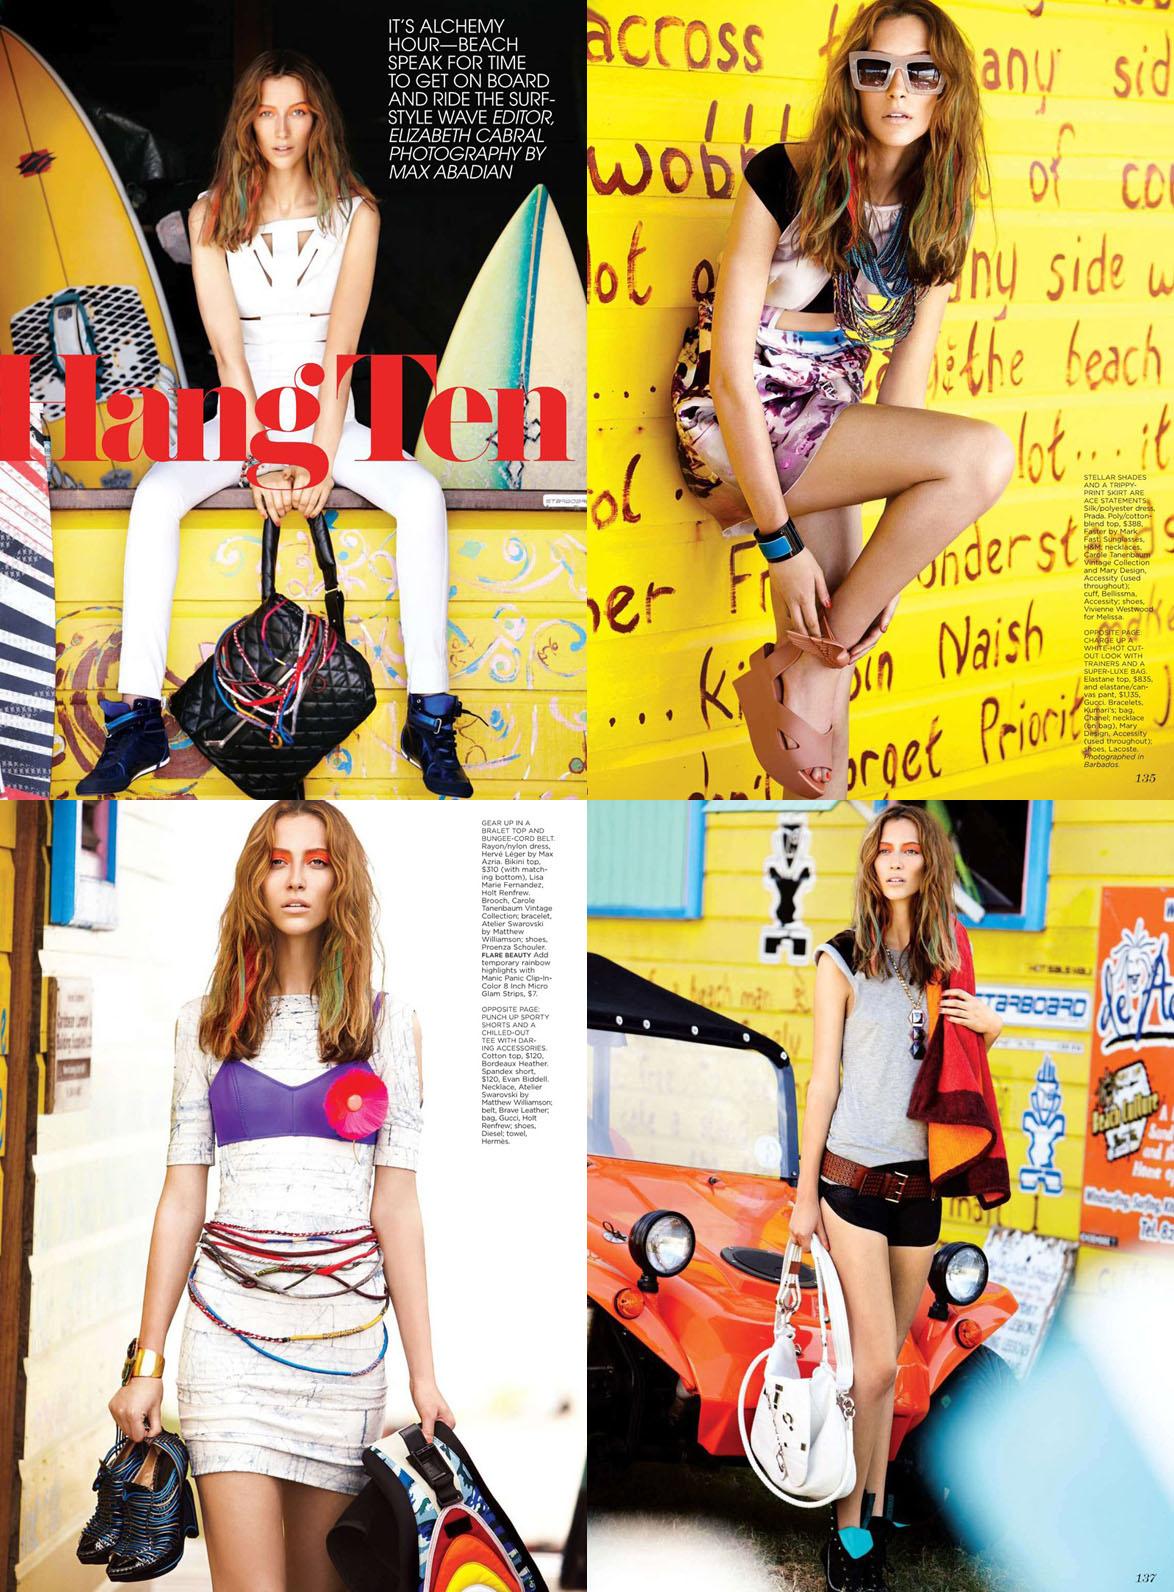 http://4.bp.blogspot.com/_twYmnhXVfP4/S_jX4UUkEqI/AAAAAAAAJ1Q/U5MPp1Zl4xY/s1600/editorial.jpg